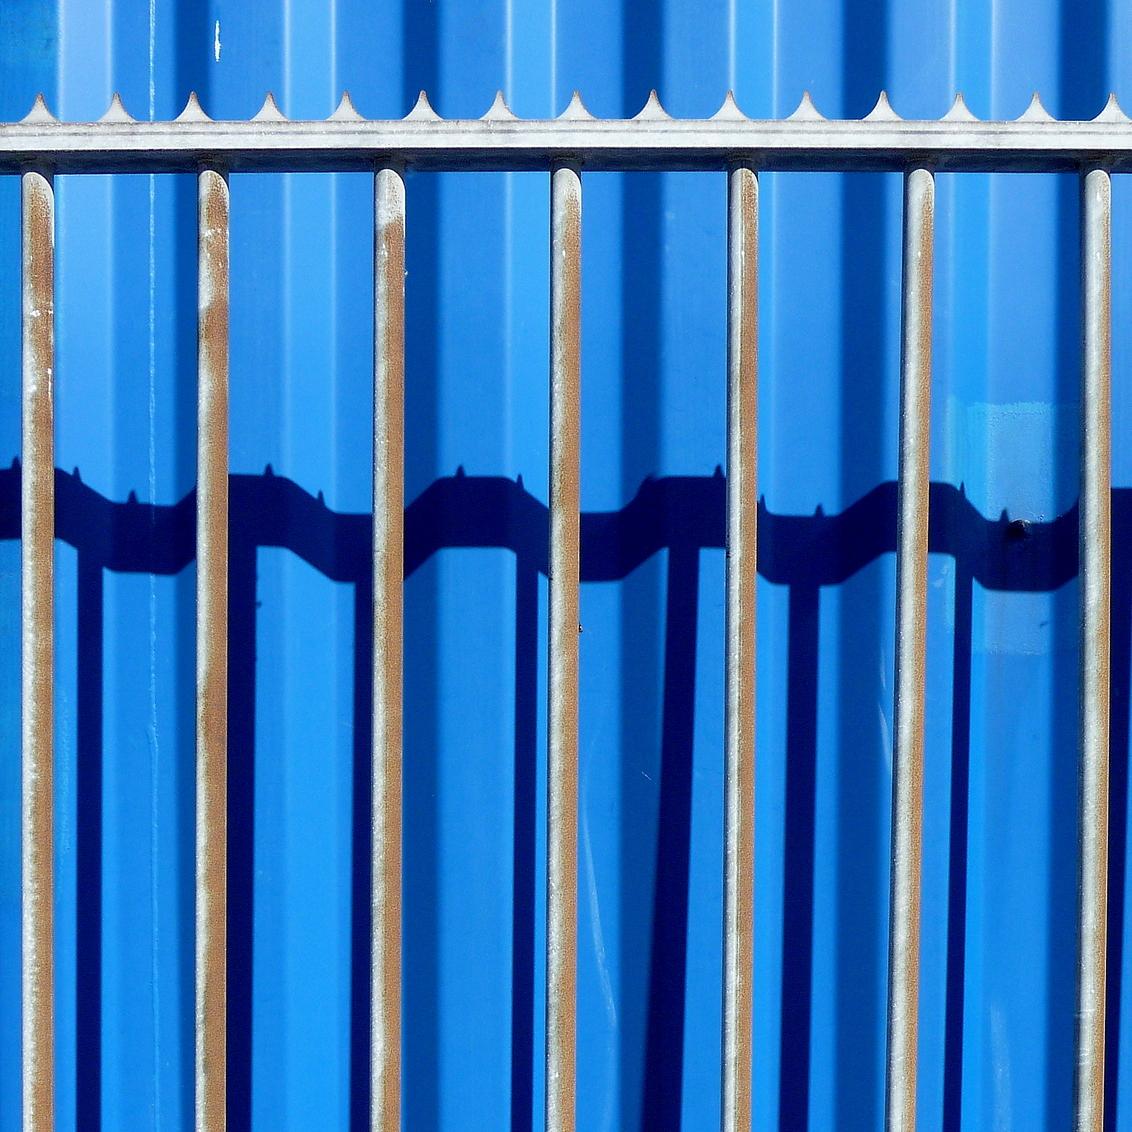 Gevangen - - - foto door aafkeve op 15-06-2009 - deze foto bevat: schaduw